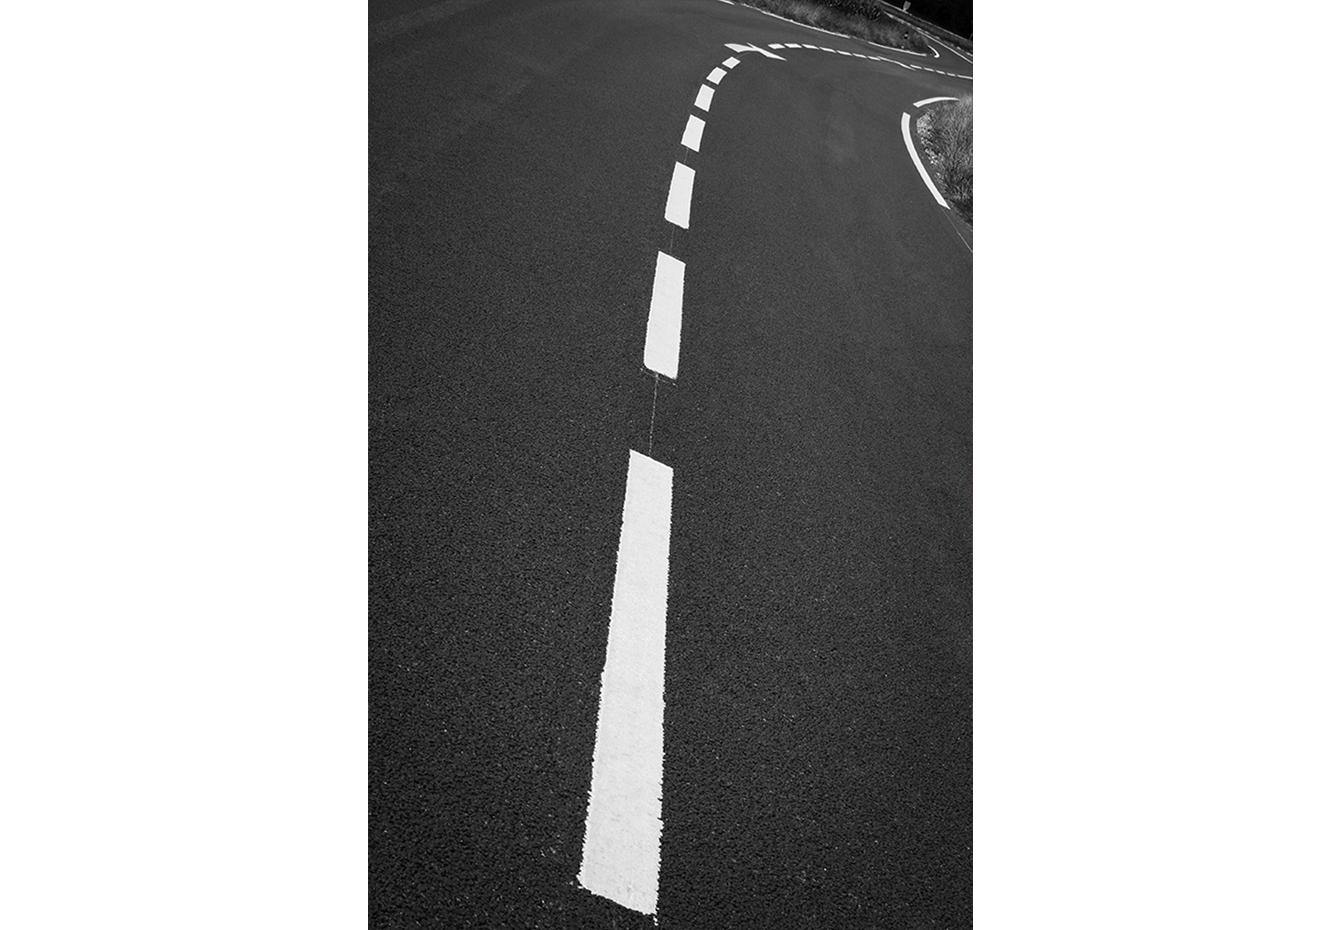 Vespa_Heinkel_1600km(48)